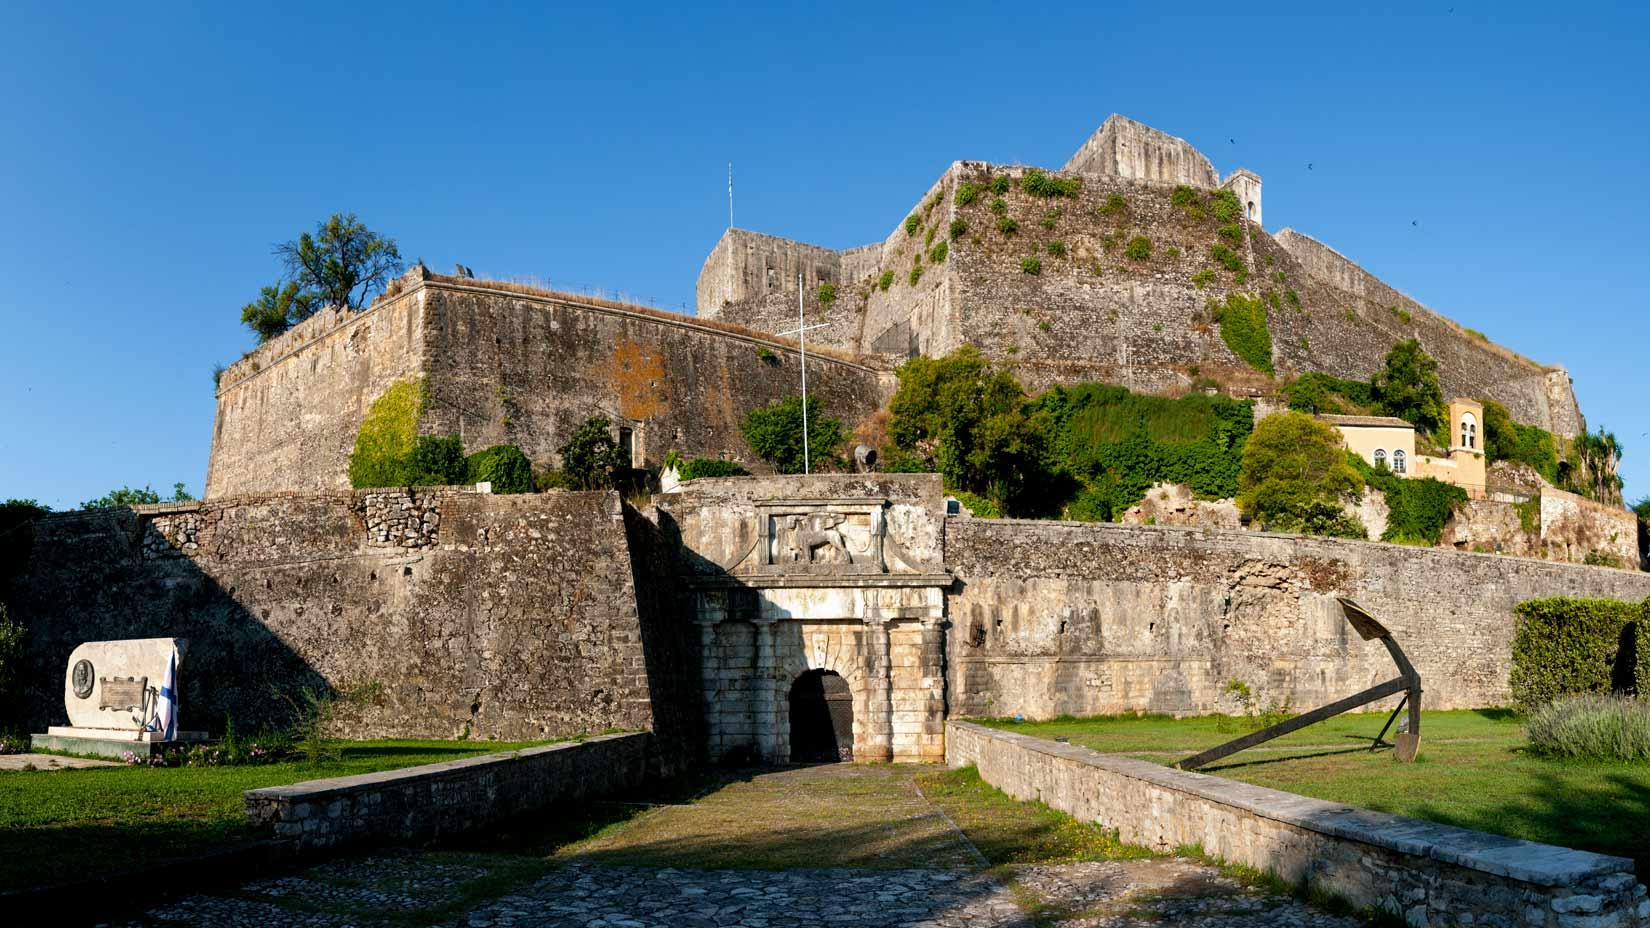 Nová pevnost k Kerkyře